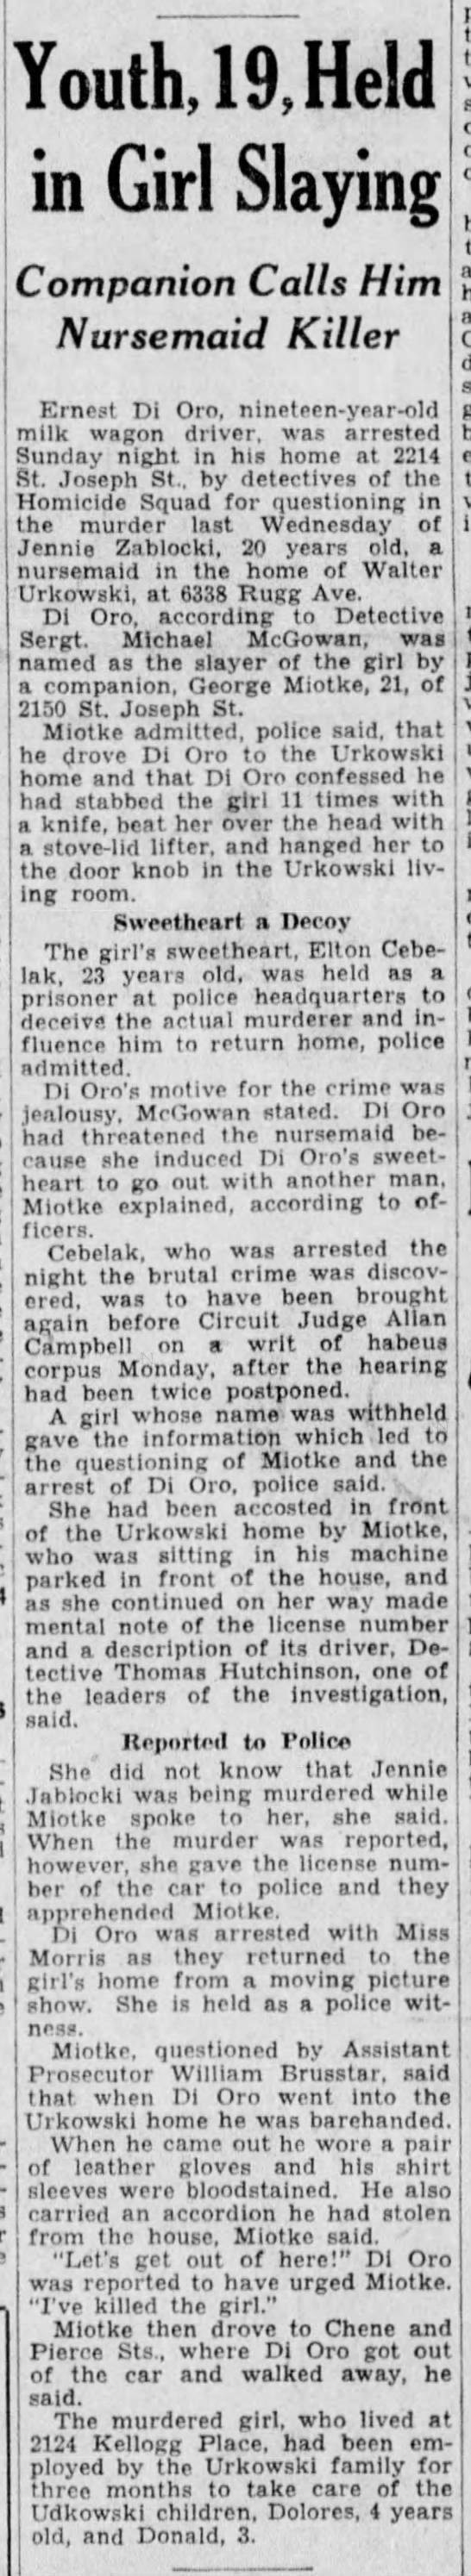 Detroit Free Press 12/11/1933